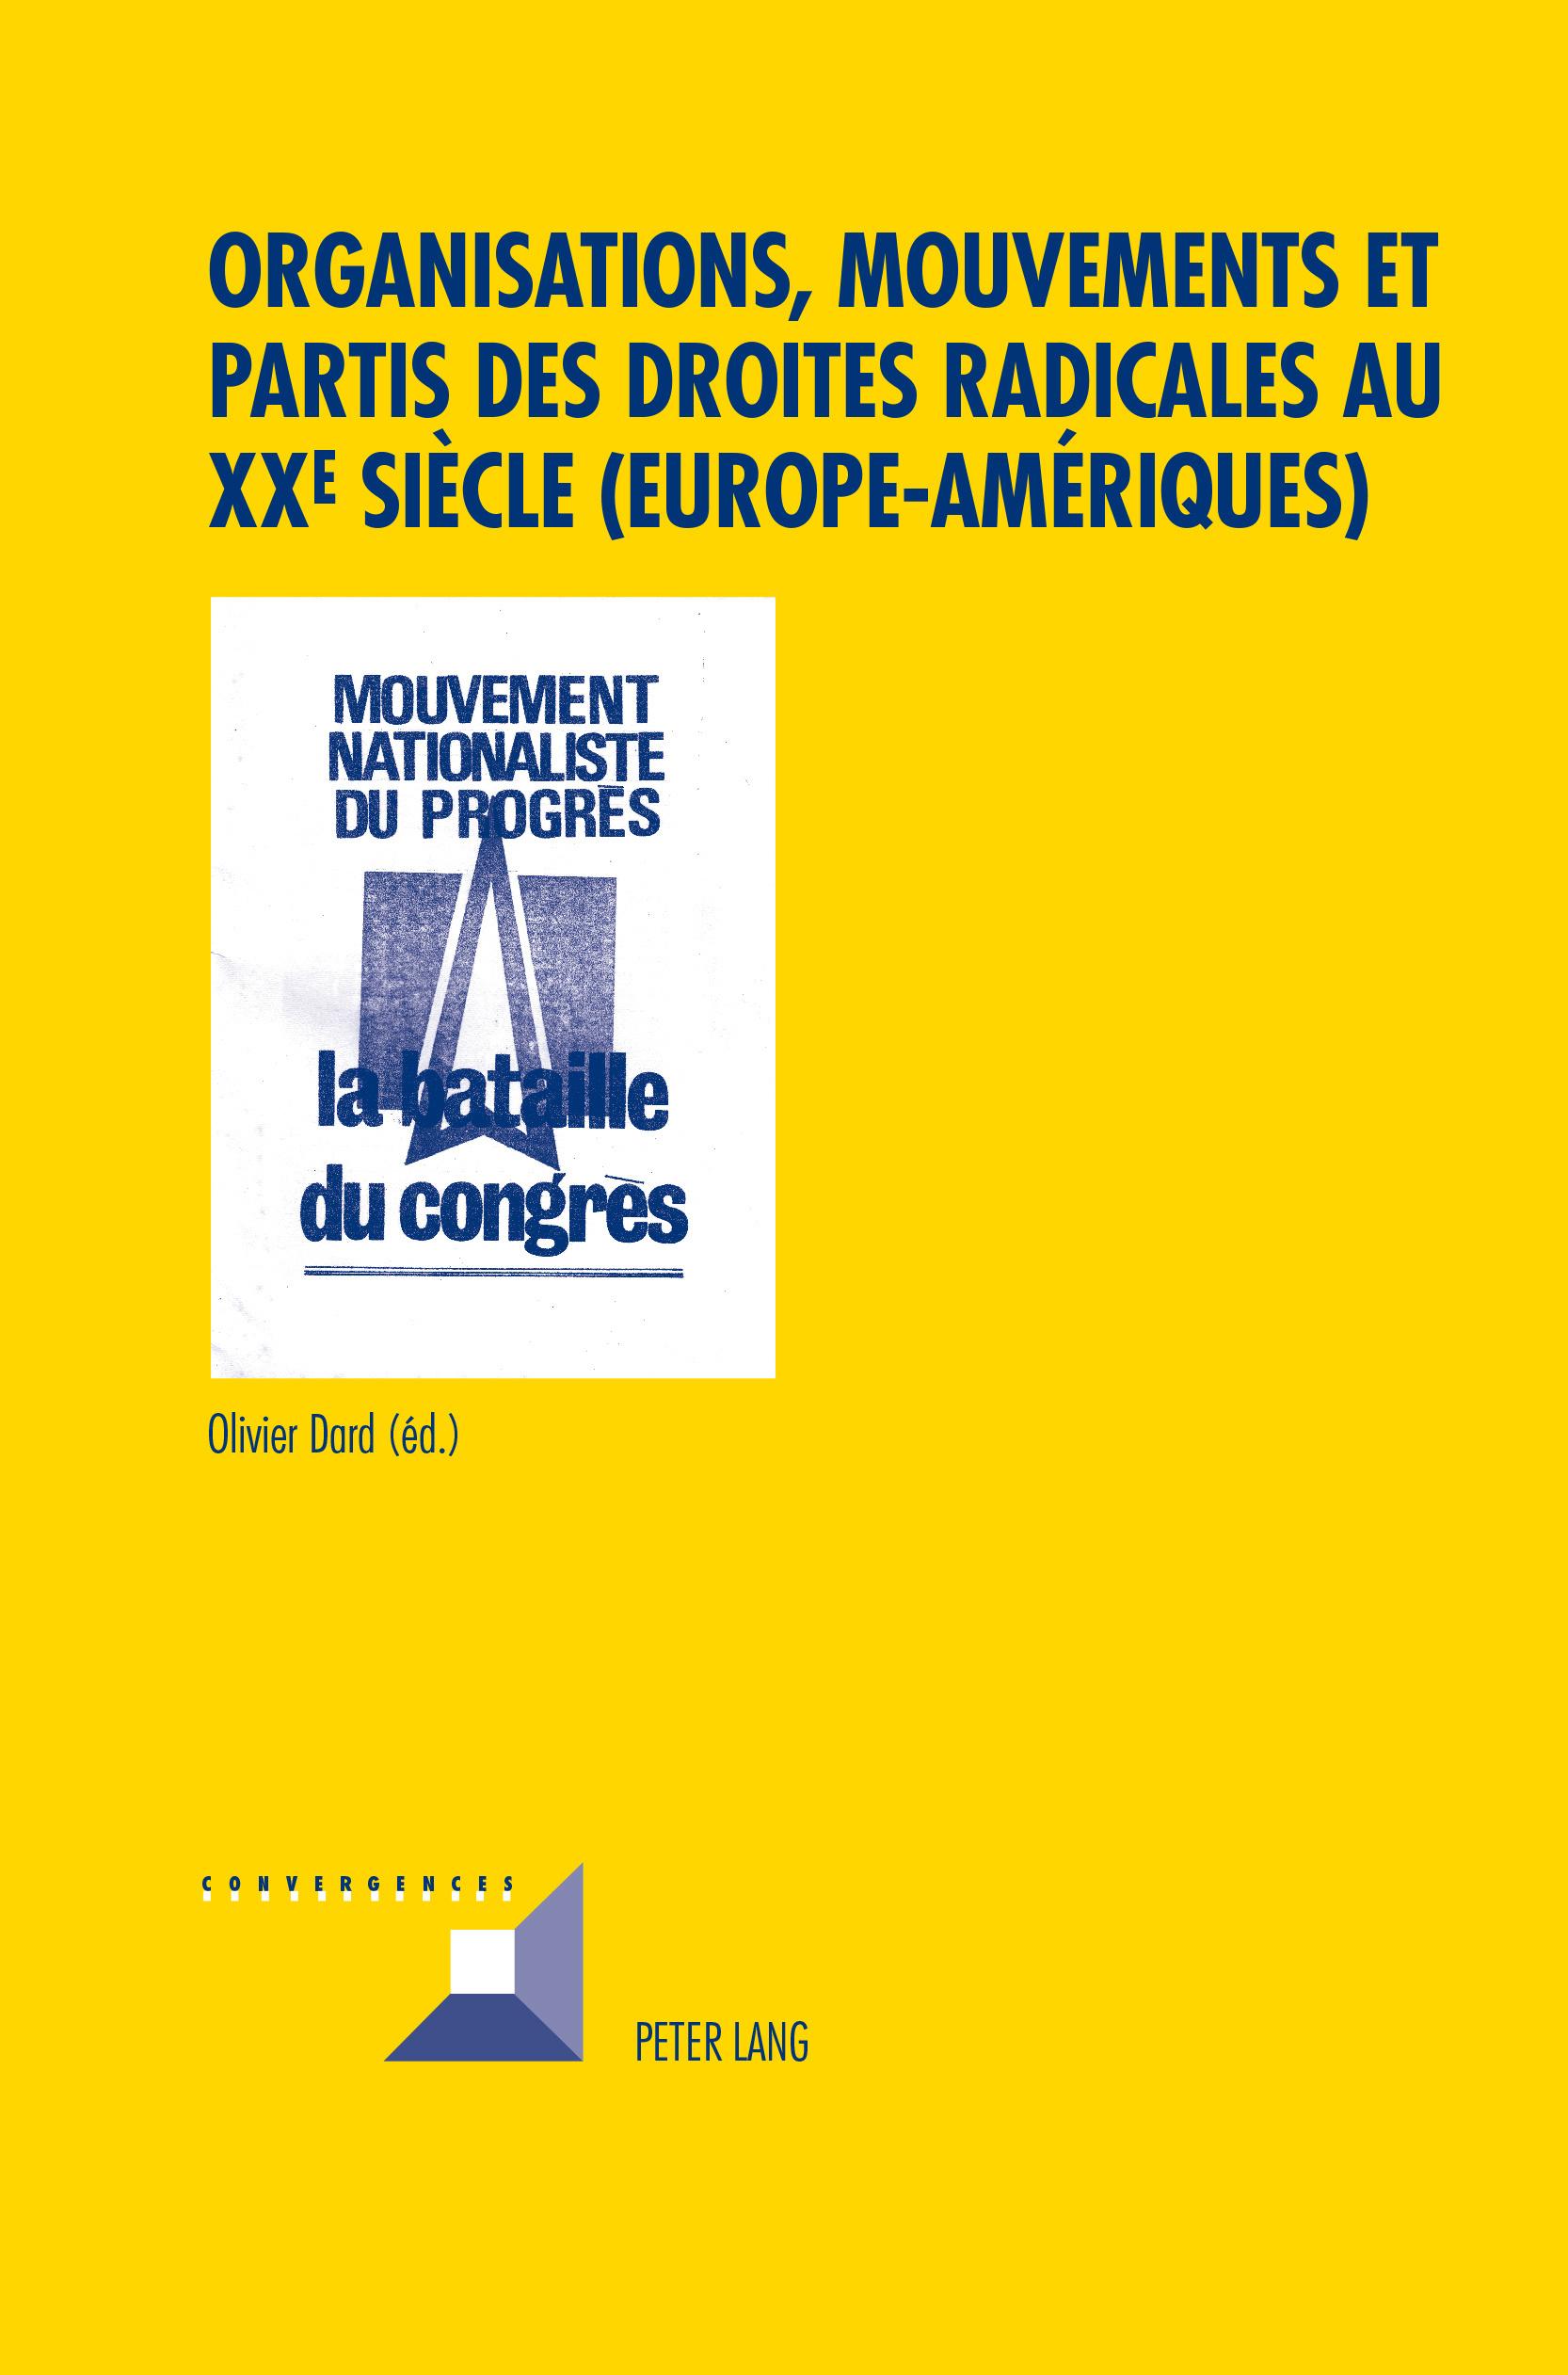 ORGANISATIONS, MOUVEMENTS ET PARTIS DES DROITES RADICALES AU XXE SIECLE (EUROPE-AMERIQUES)